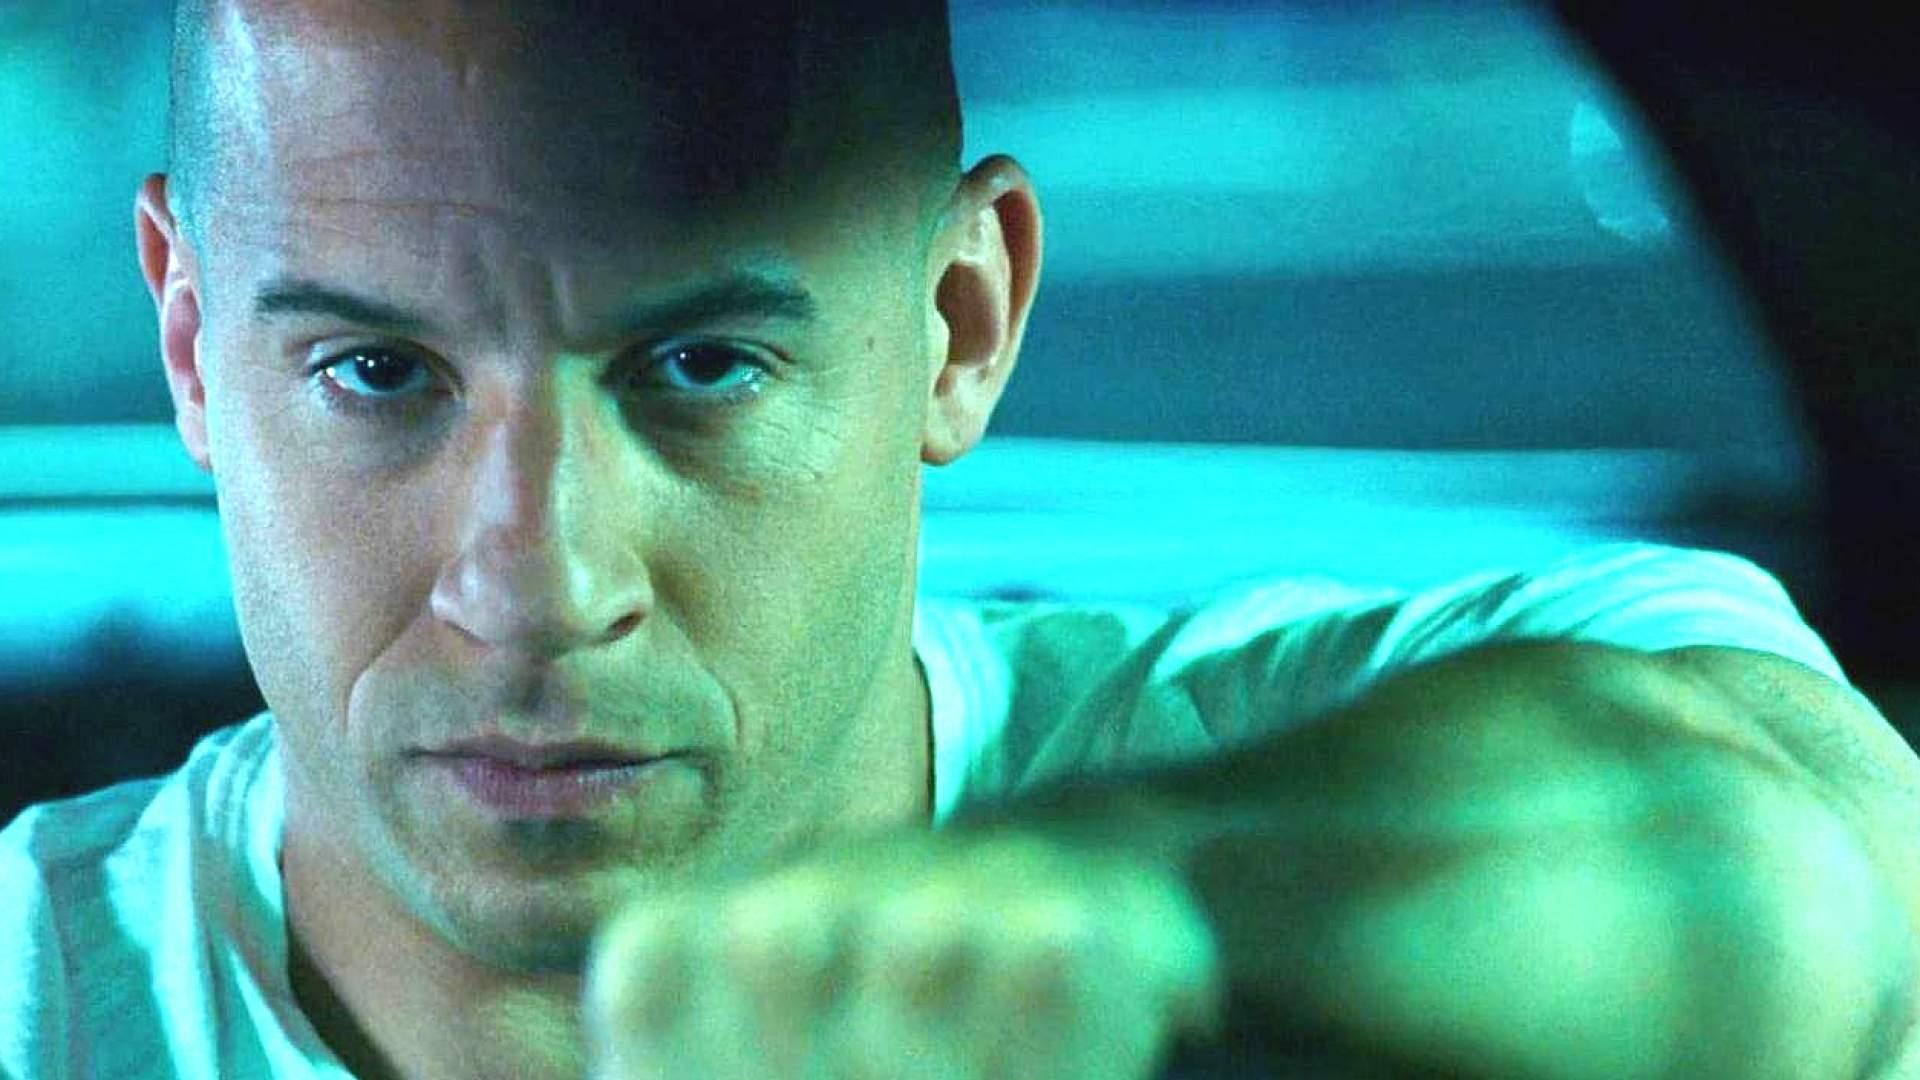 NEUE TRILOGIE: Vin Diesel plant neue Film-Serie und die ist ganz anders als 'Fast & Furious'